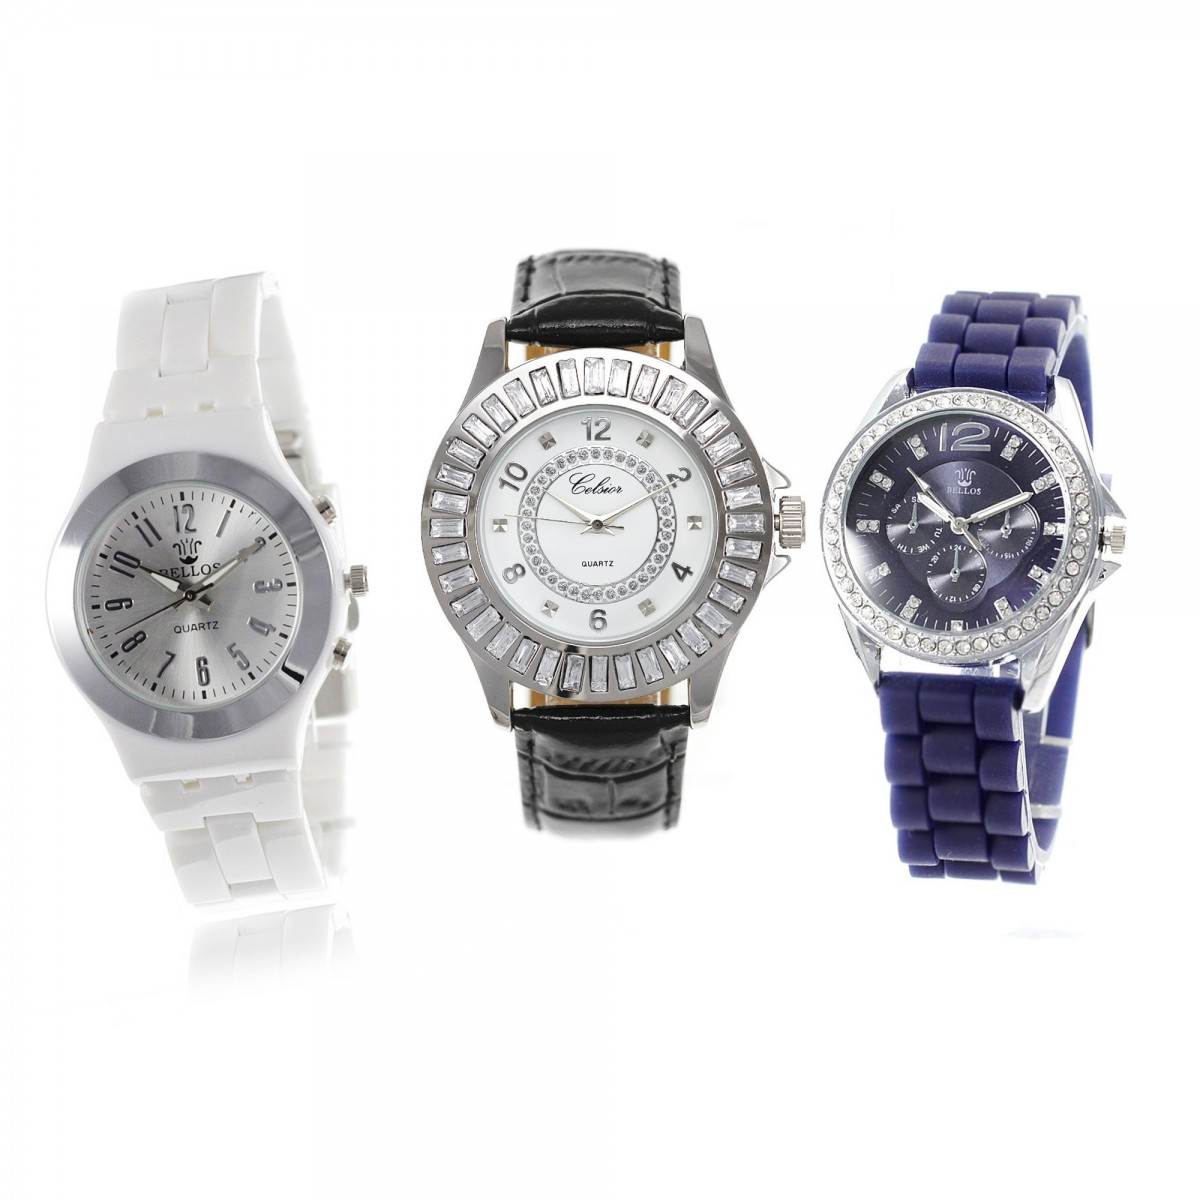 3 montres femme pour le prix d'1 !